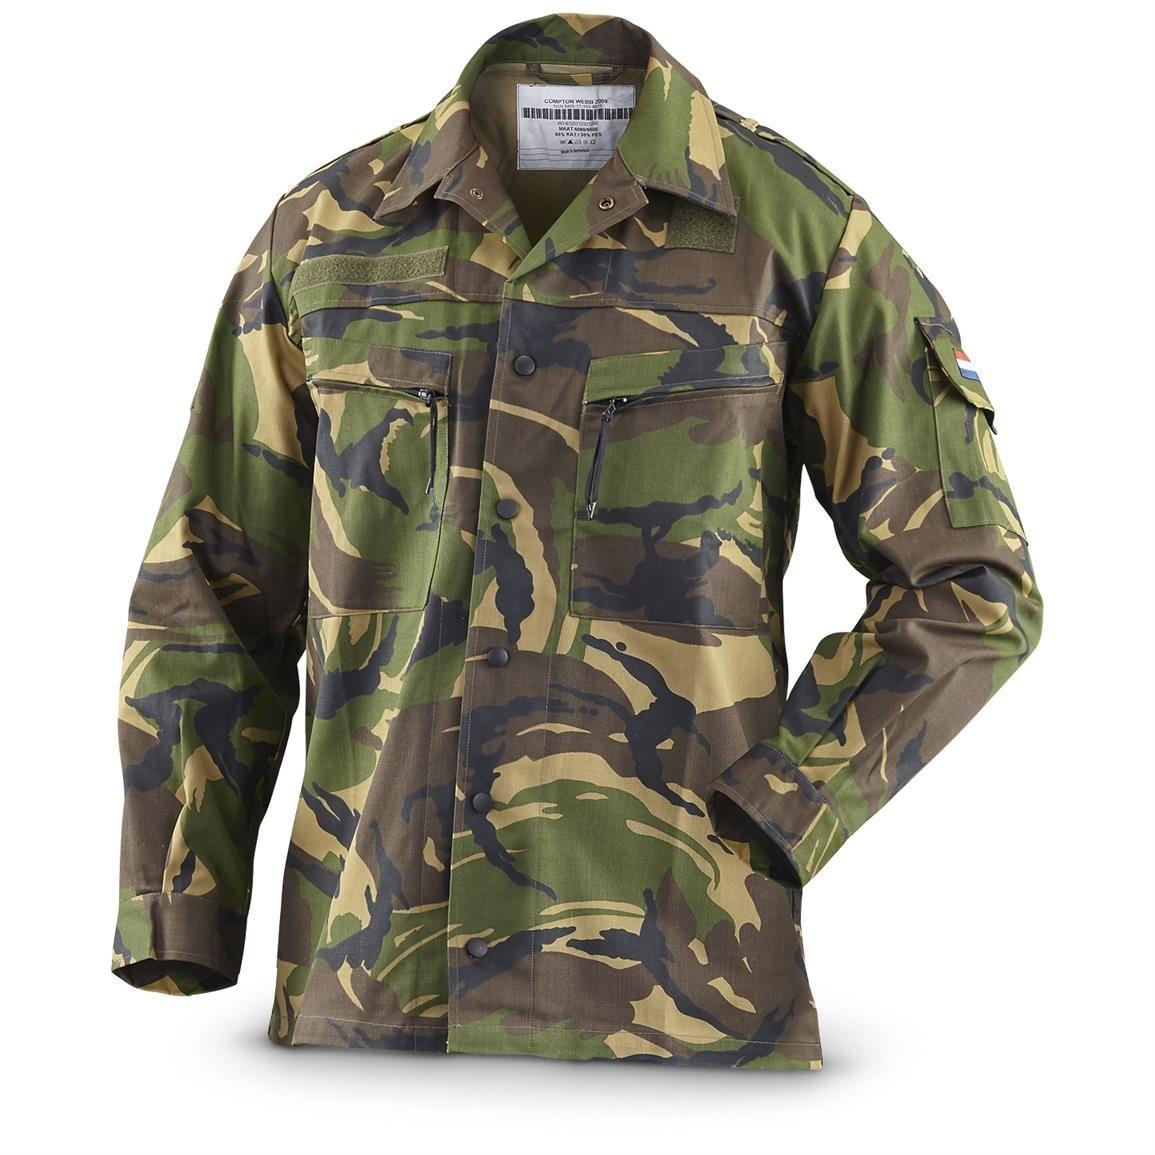 New Dutch Military Surplus DPM Camo Field Jacket Camo